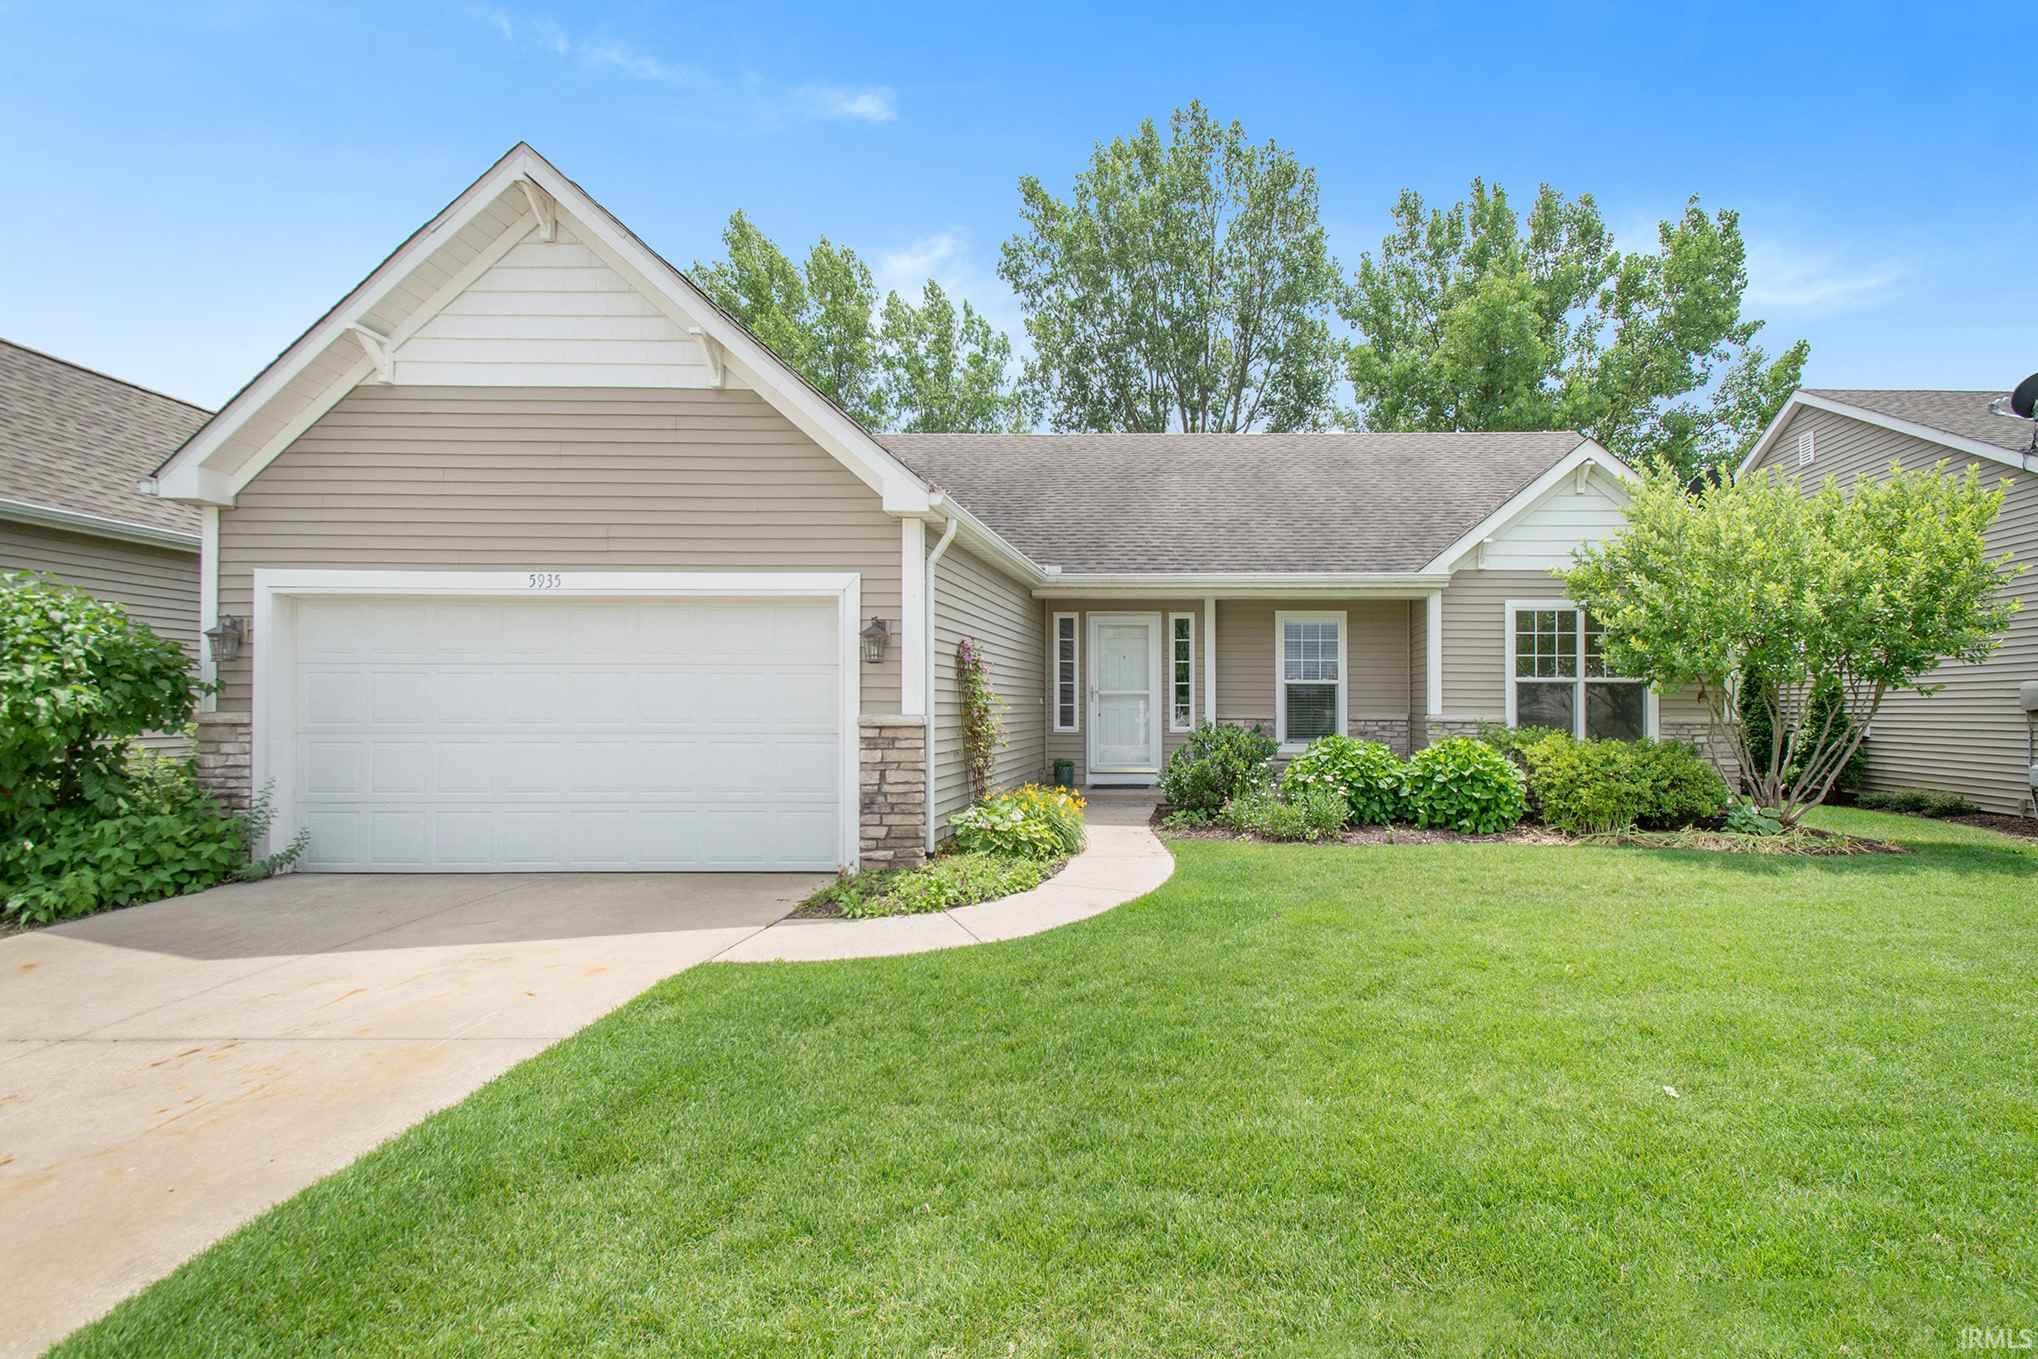 5935 Cottage Granger, IN 46530